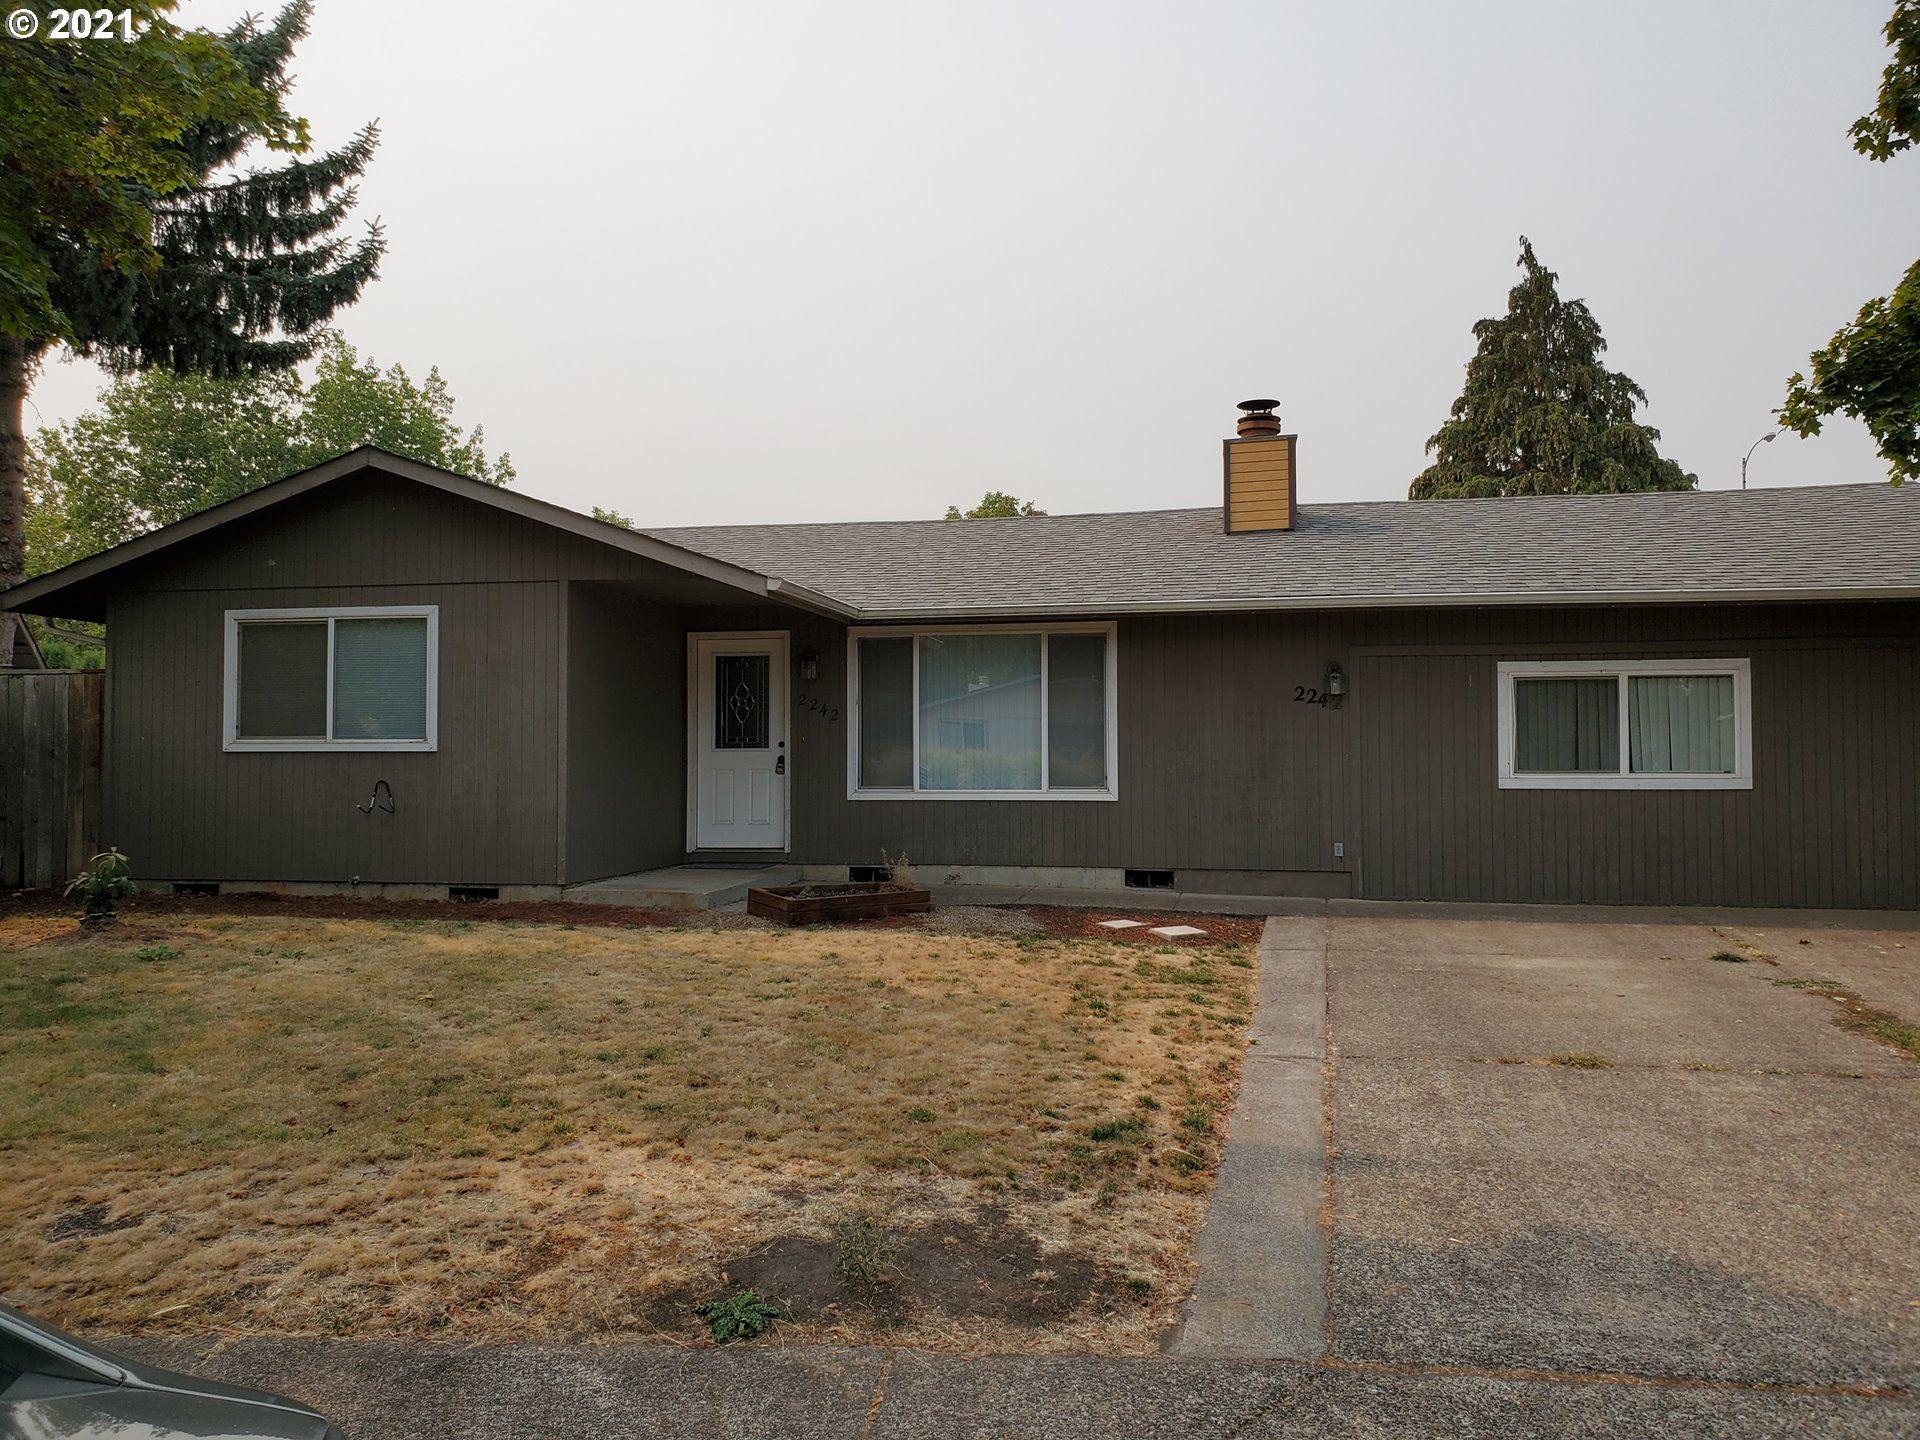 2242 SILHOUETTE ST, Eugene, OR 97402 - MLS#: 21167513